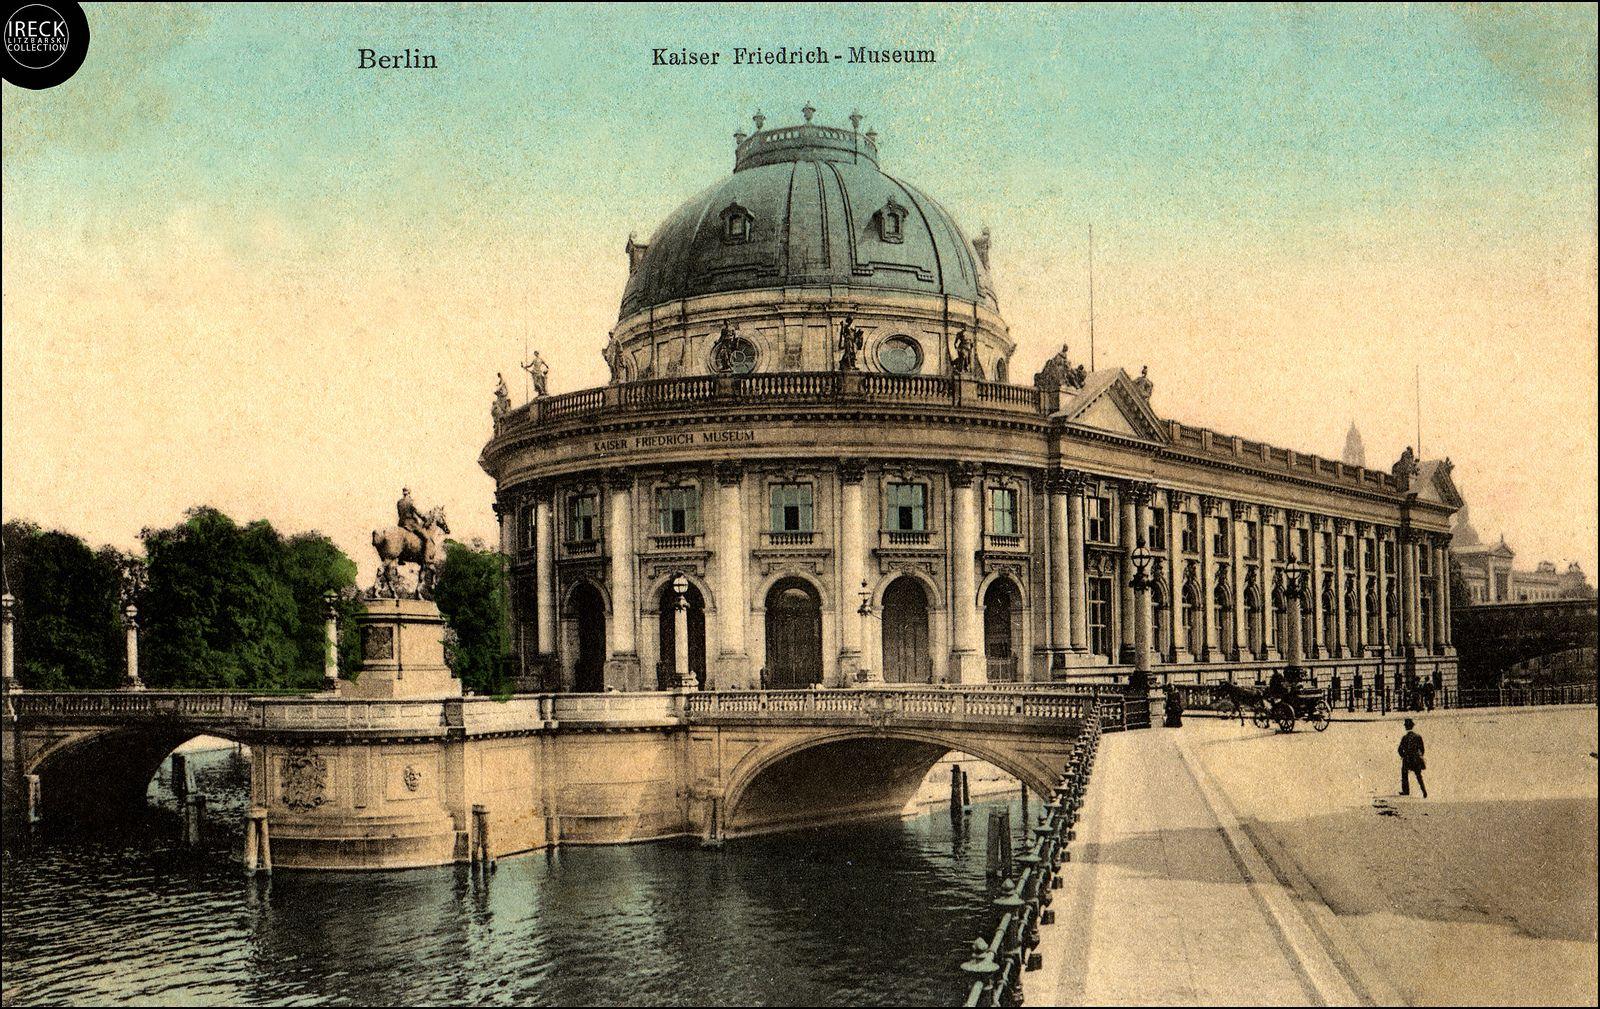 Kaiser Friedrich Museum Heute Bode Museum Berlin Um 1905 Berlin Museum Photo